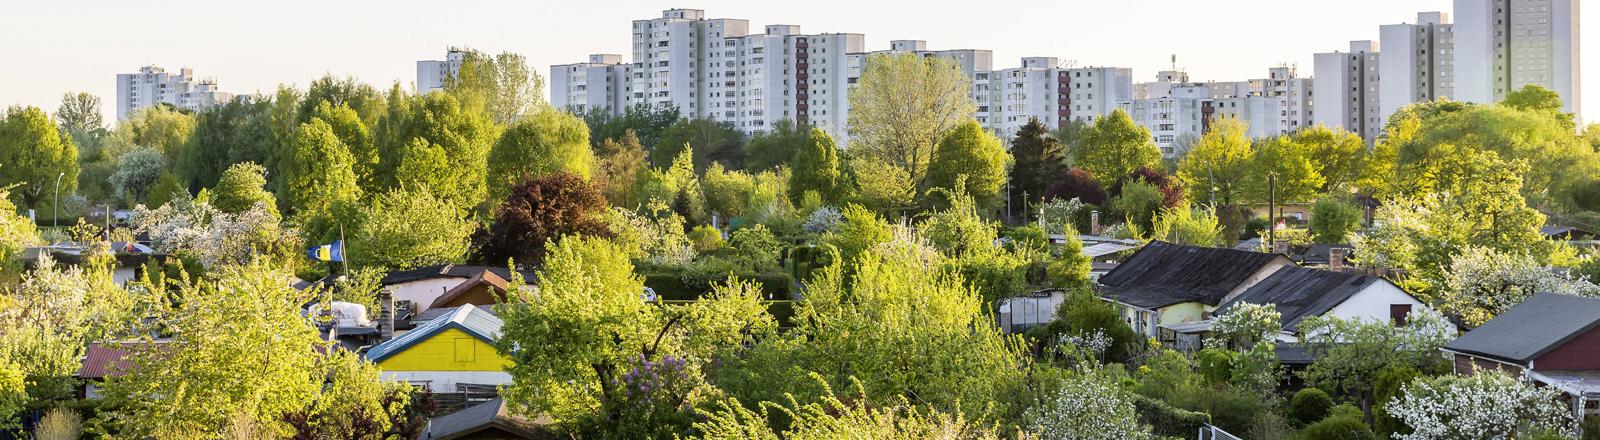 Kleingartenanlage am Berliner Plaenterwald.